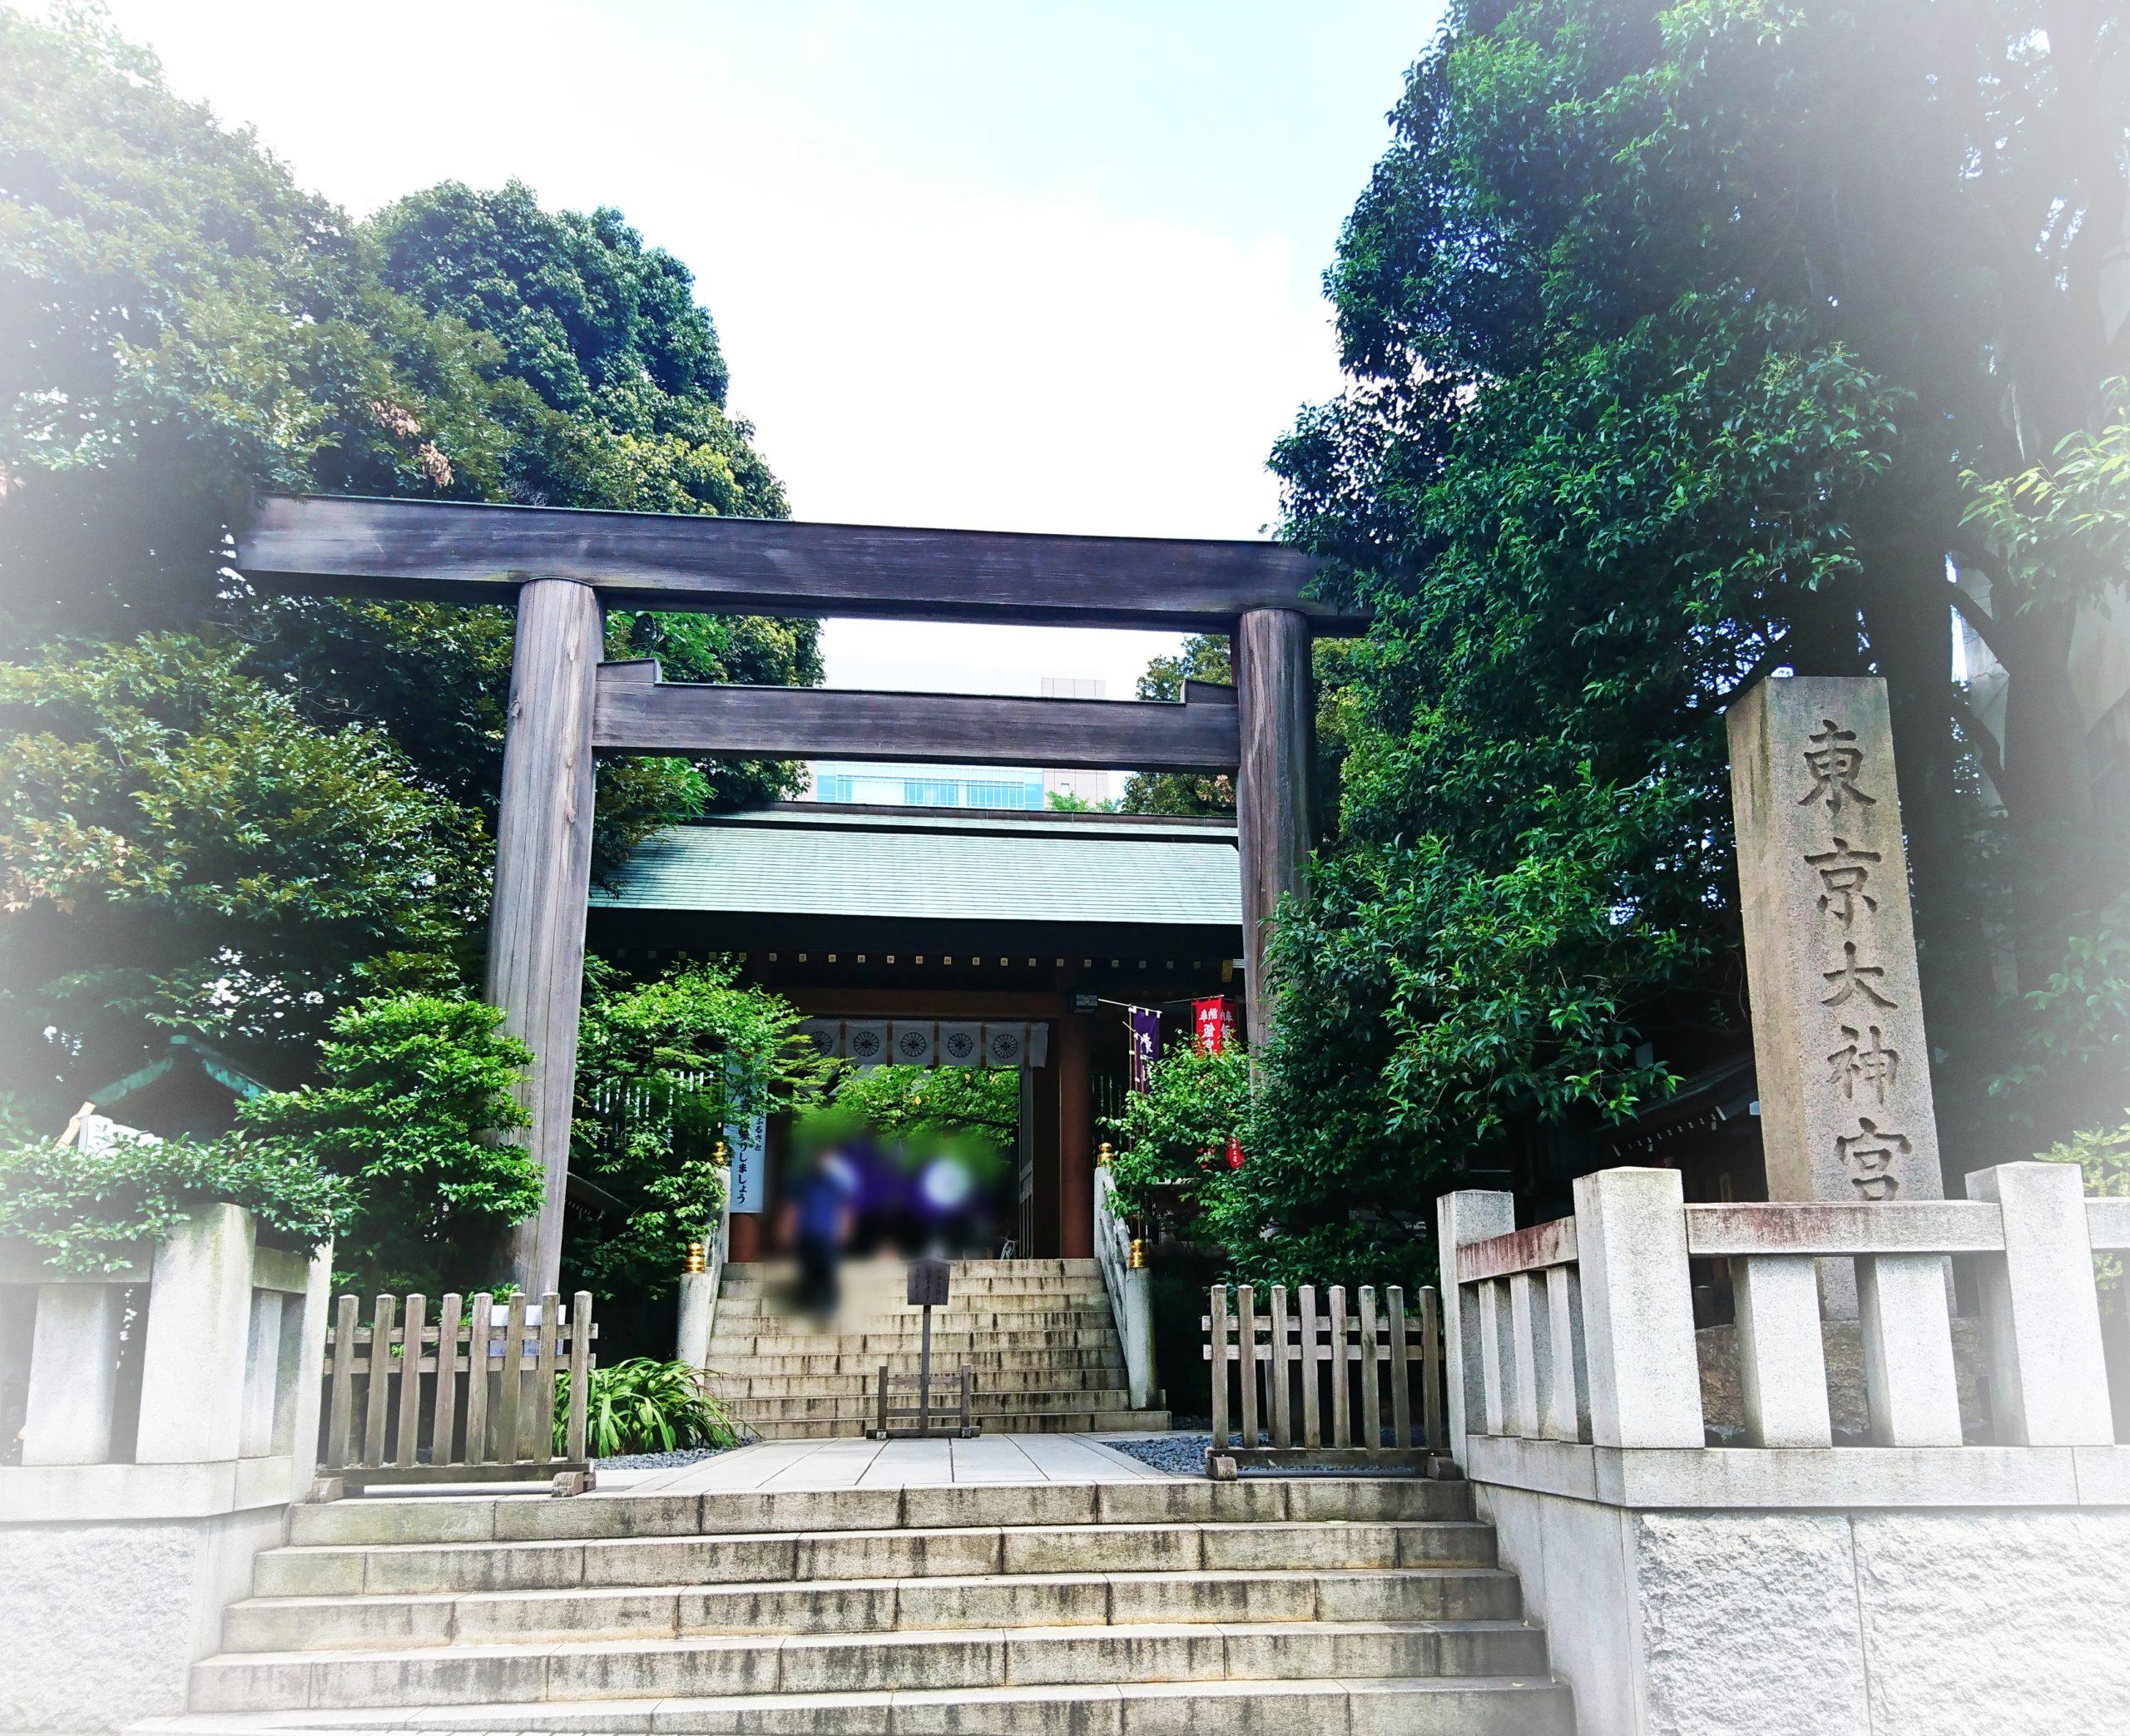 恋愛成就のパワースポットで有名な東京大神宮の鳥居